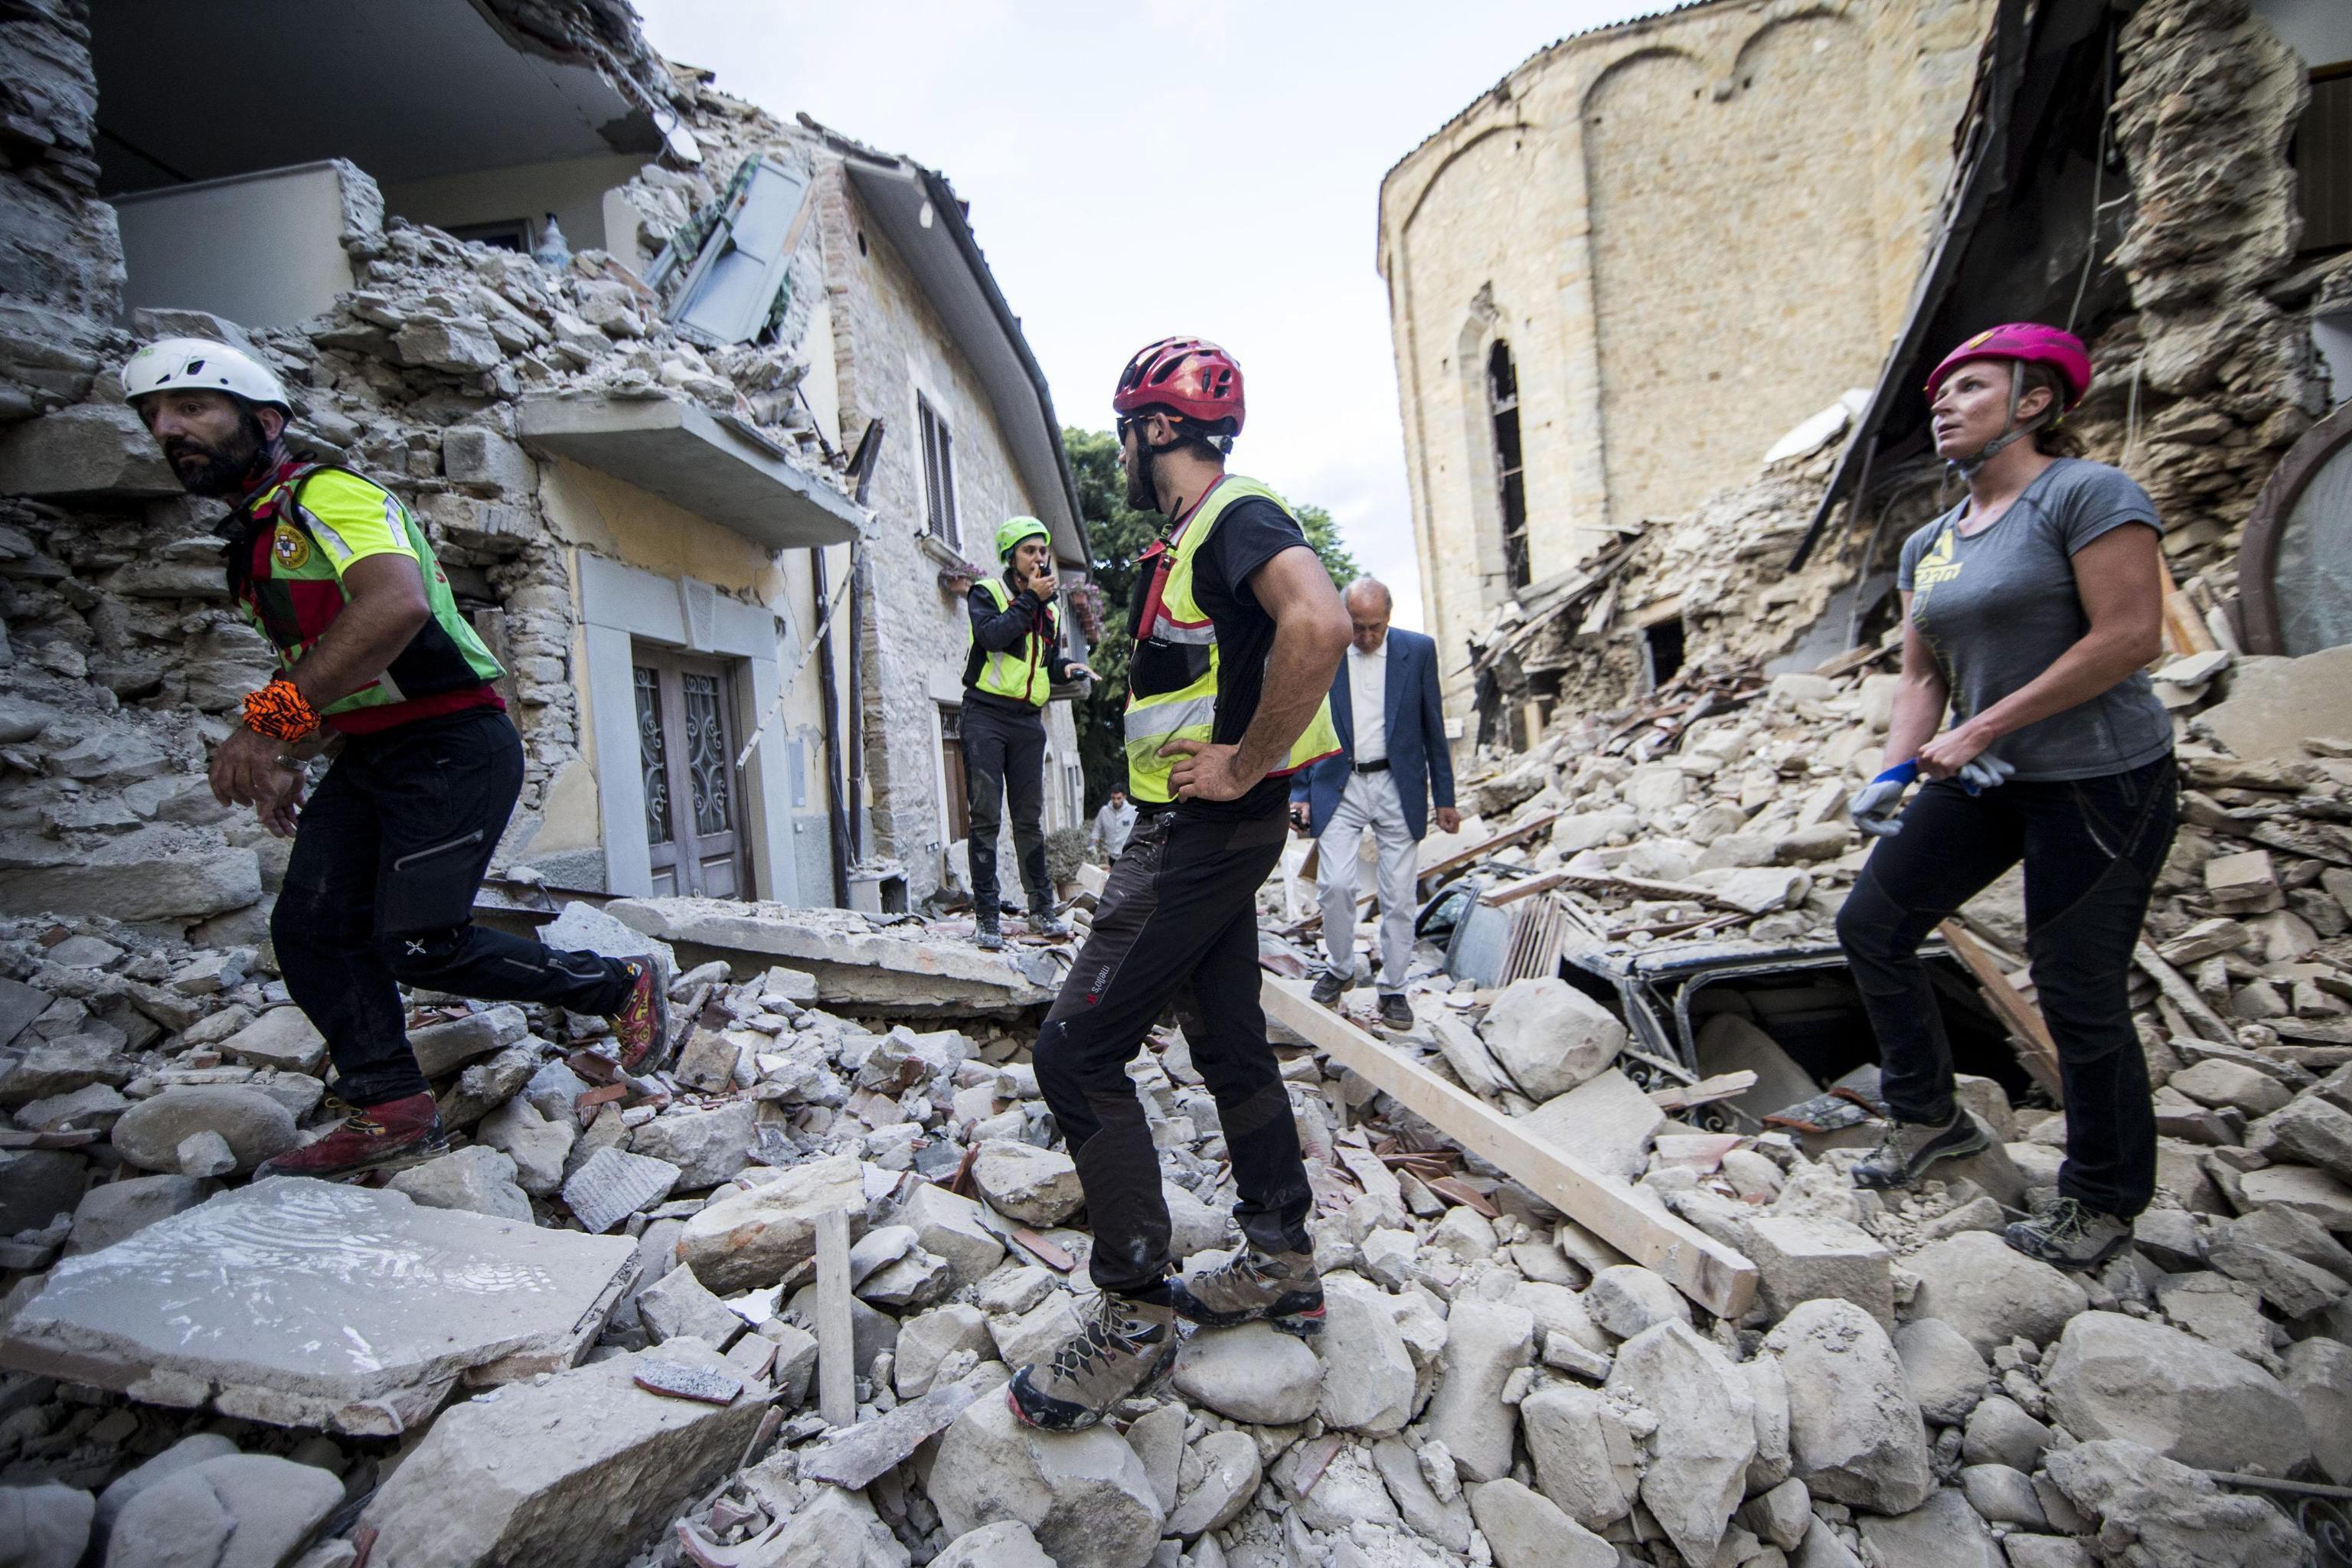 Novo sismo de 4,3 causa mais desabamentos em Amatrice (centro de Itália)